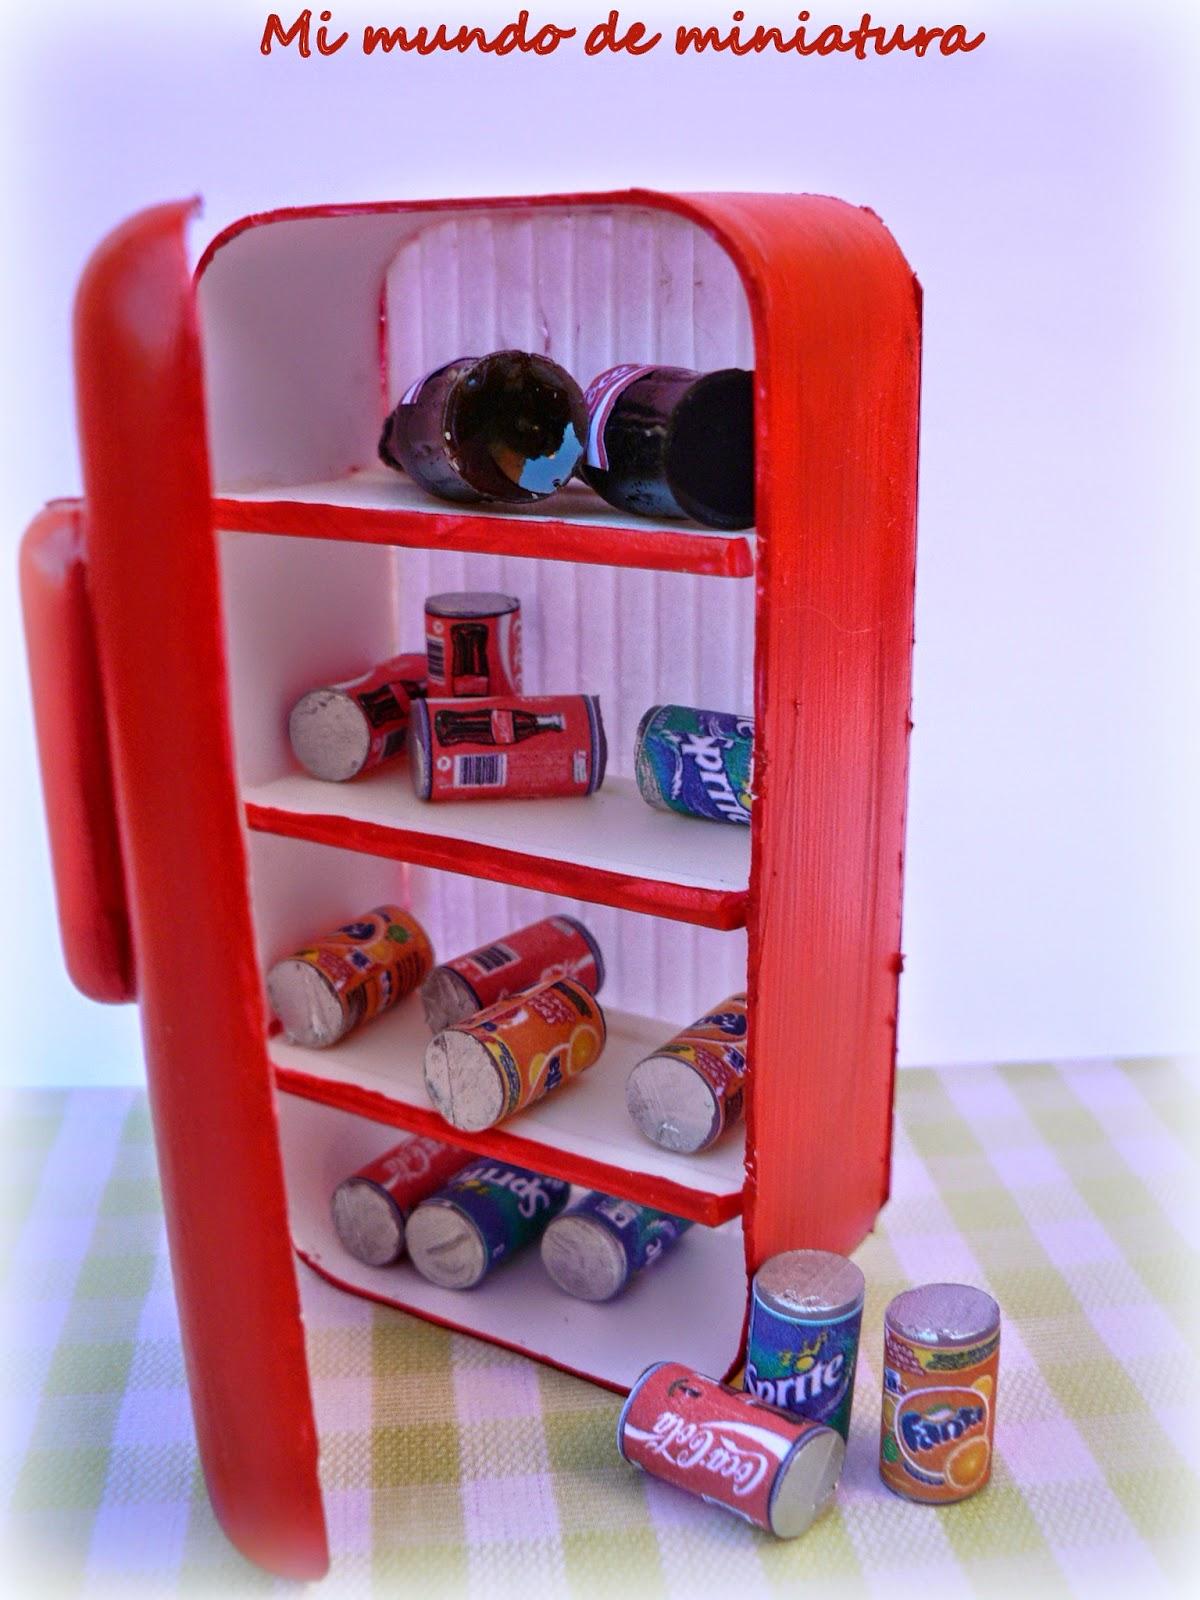 Mi mundo de miniatura frigo retro - Frigo pequeno ...